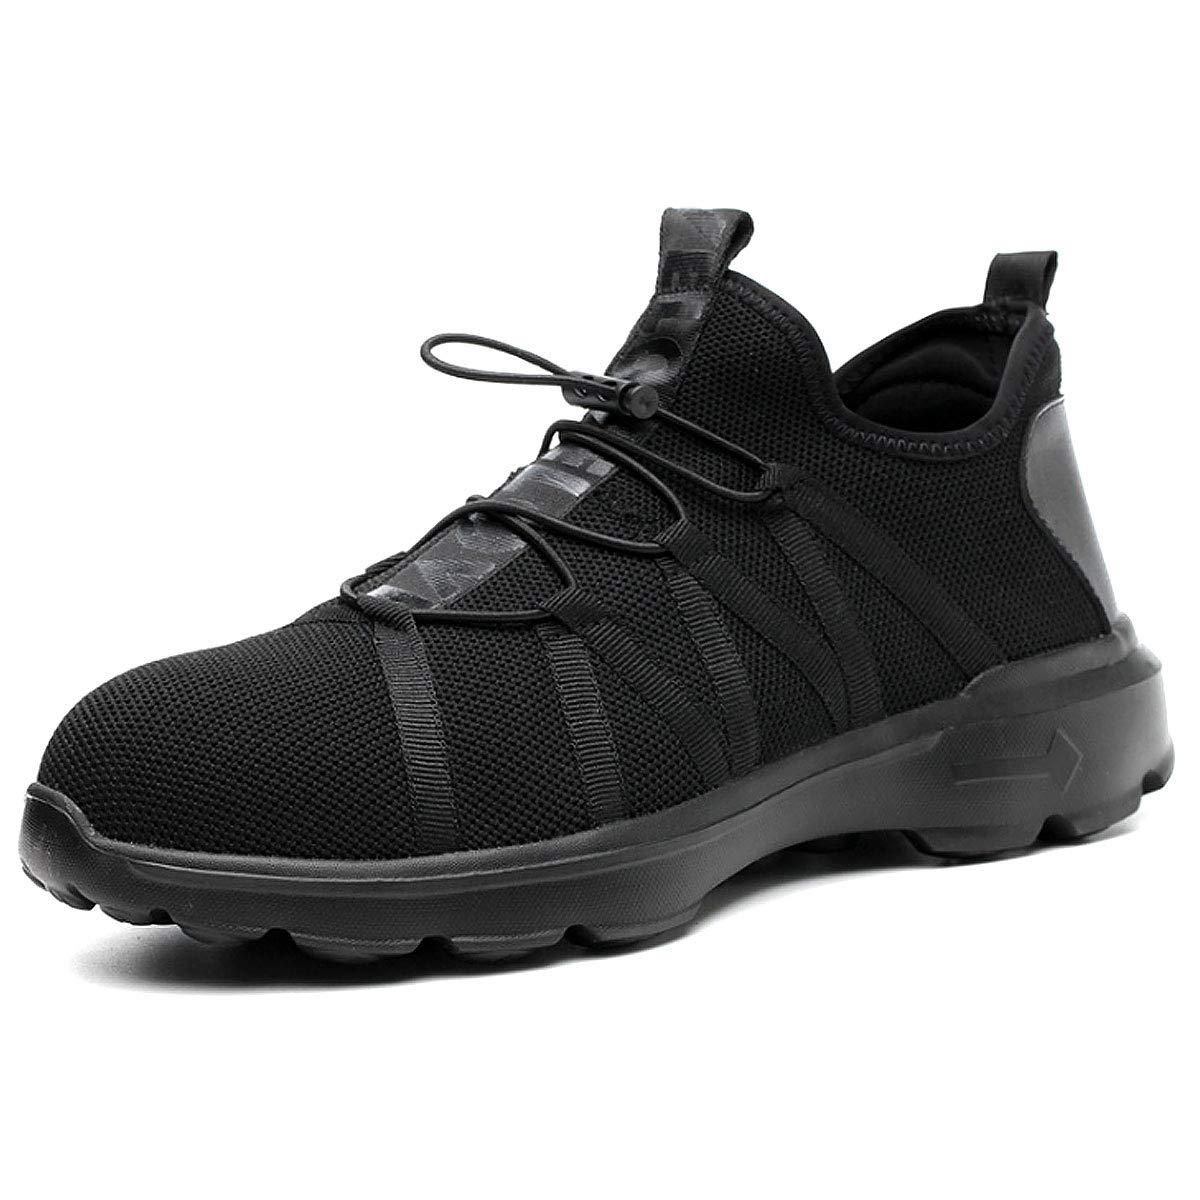 CHNHIRA Chaussures de S/écurit/é Homme Acier Protection Antid/érapante Respirante L/éger Unisexes Chaussures de Travail